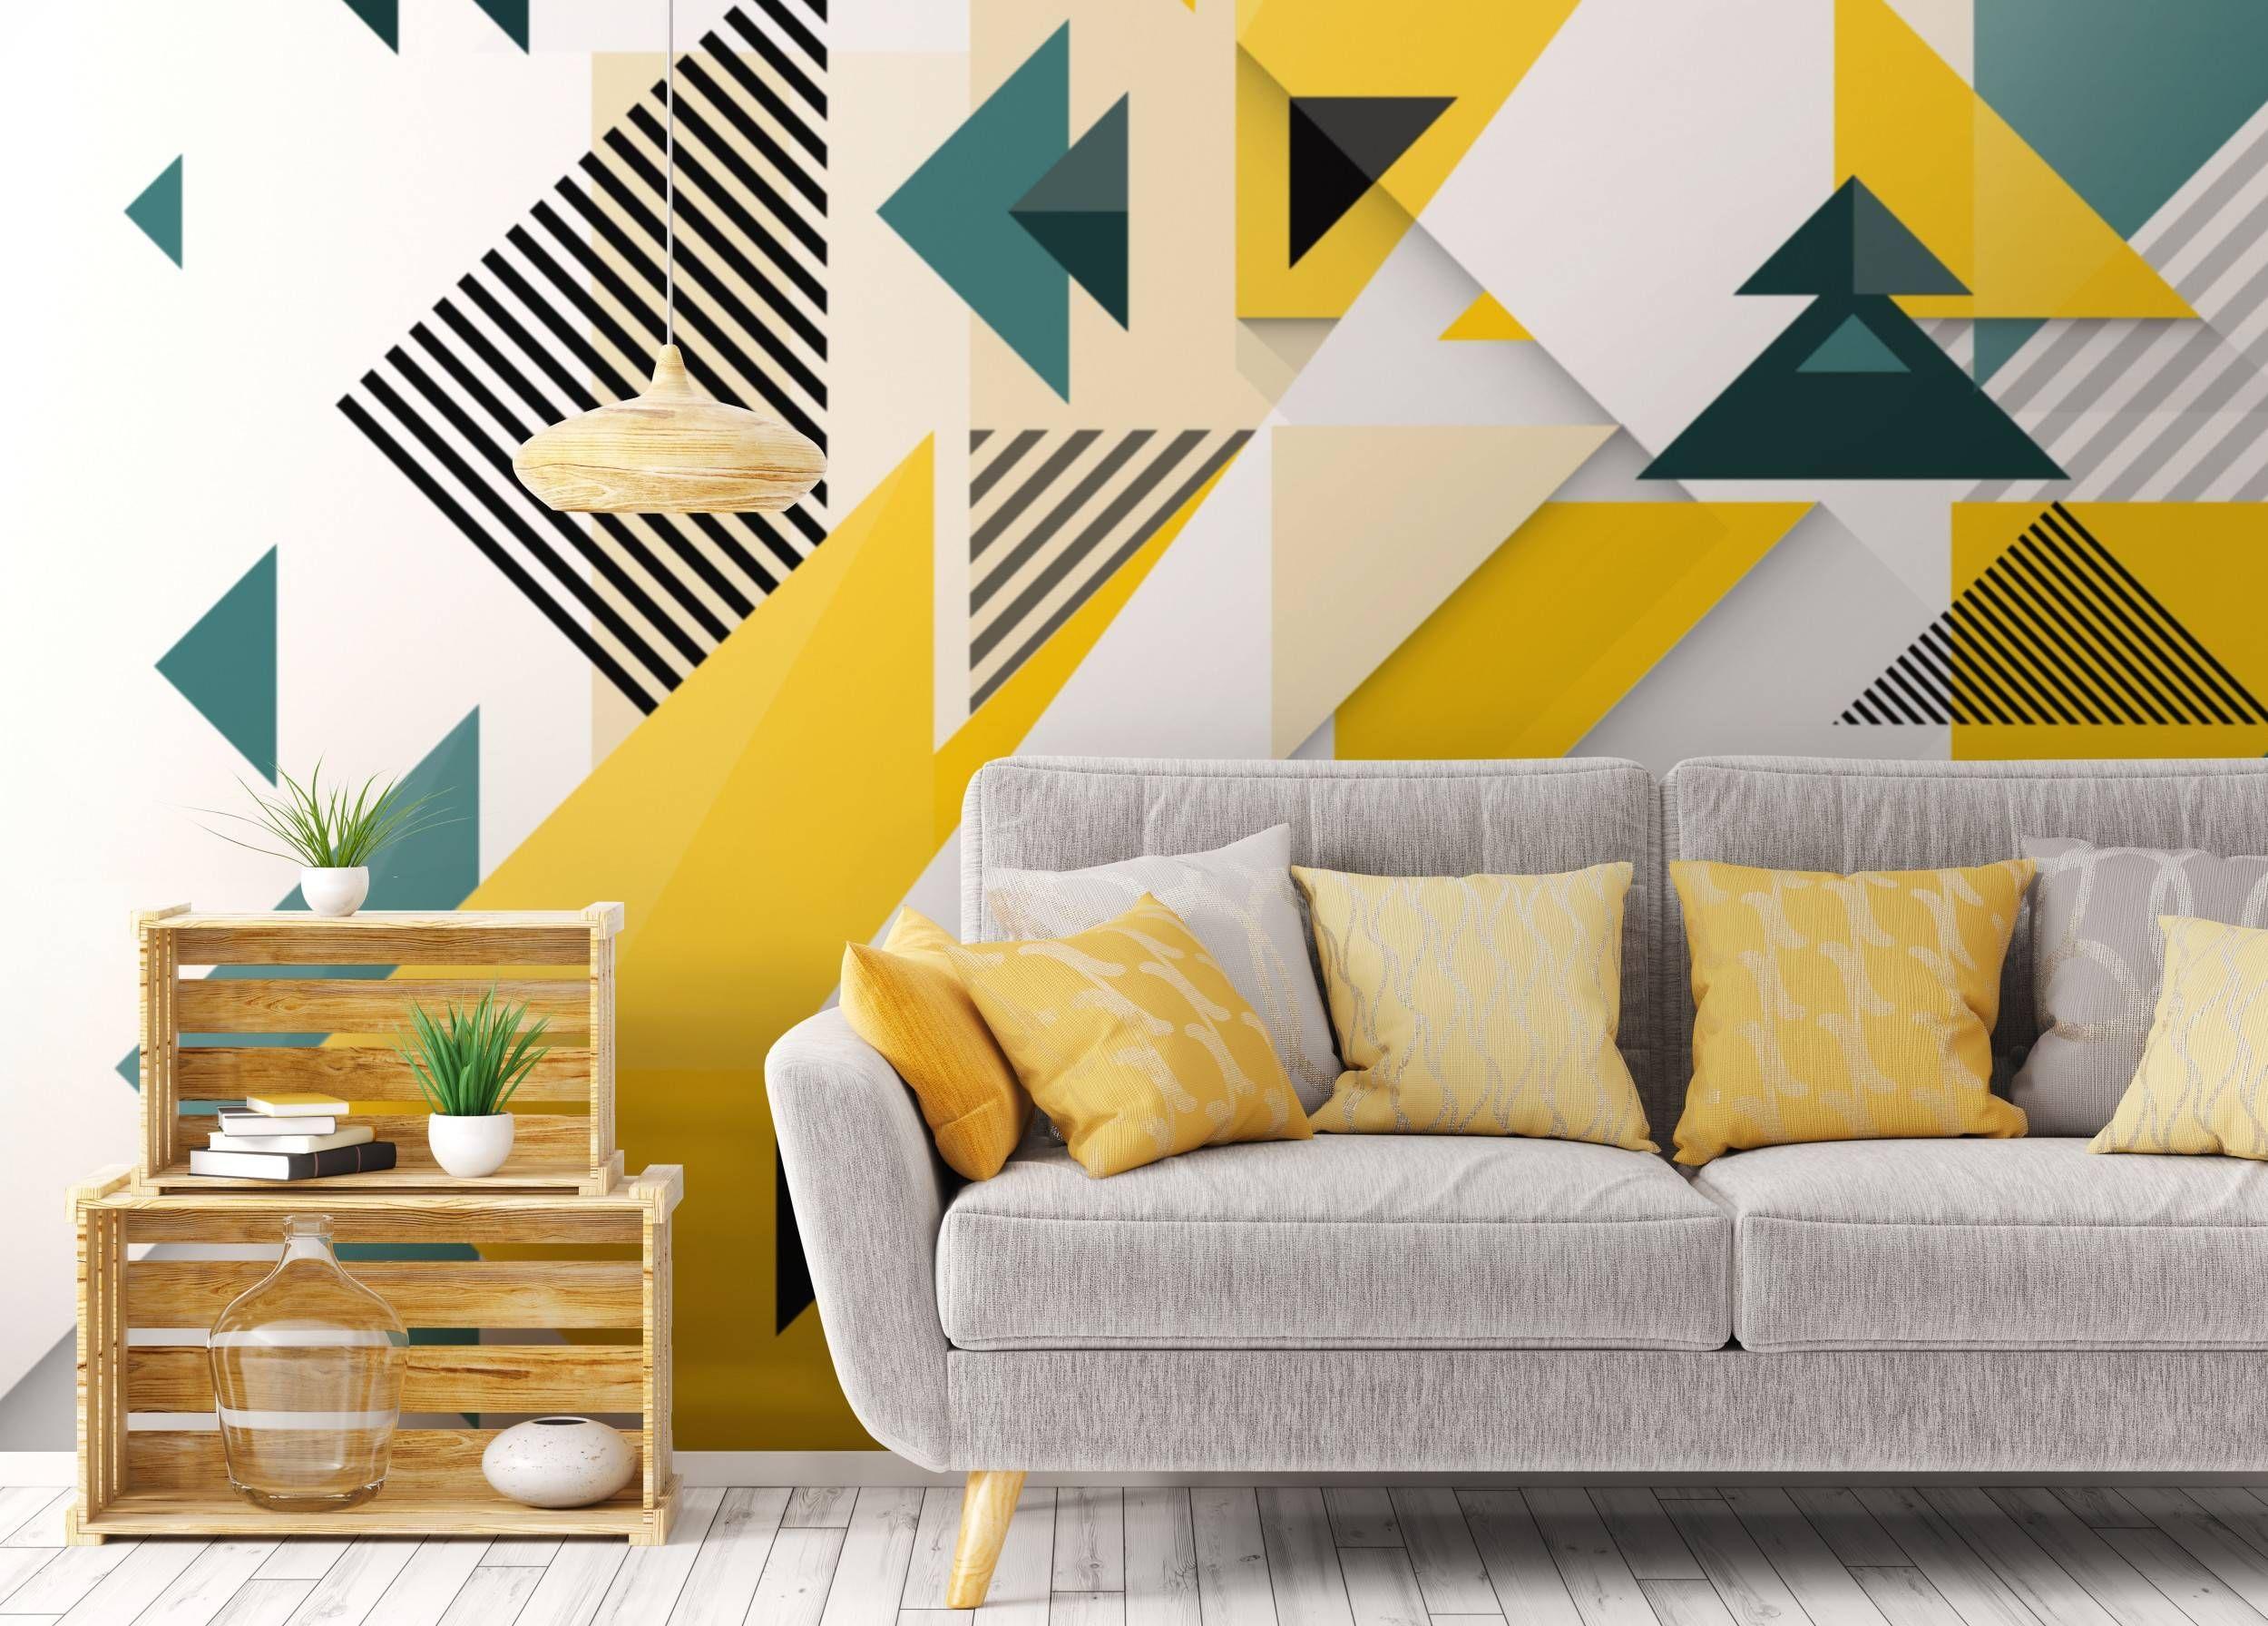 Happy Geometry Living Room Contemporary Wall Murals Abstraction Pixers We Live To Change Decoracion De Muros Decoracion De Interiores Pintura Decoracion De Muebles